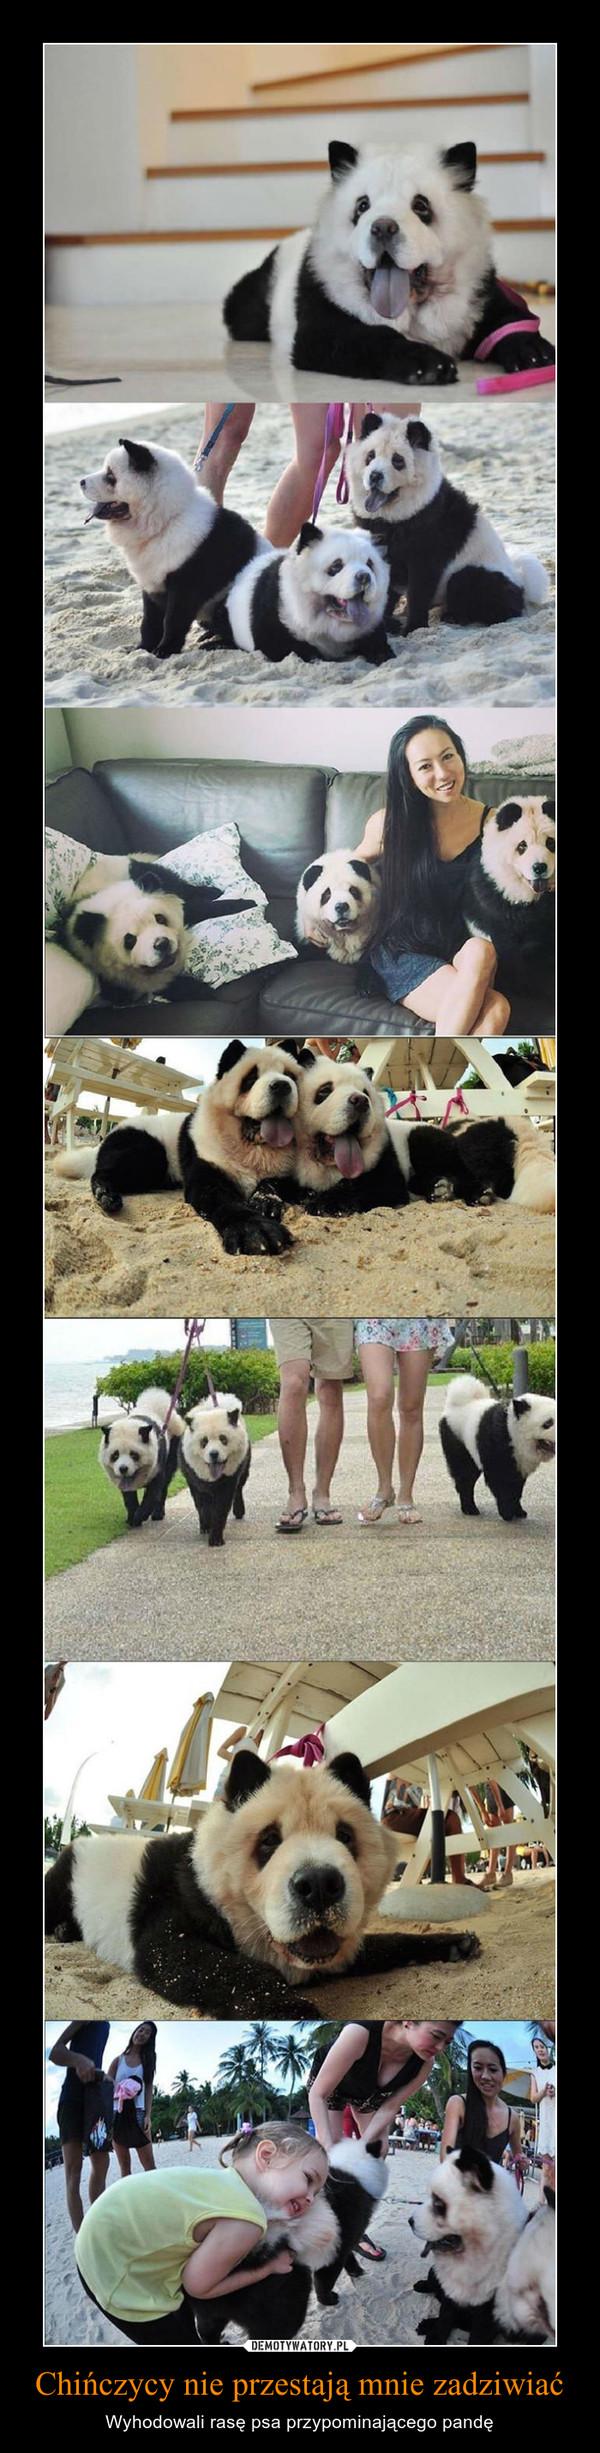 Chińczycy nie przestają mnie zadziwiać – Wyhodowali rasę psa przypominającego pandę